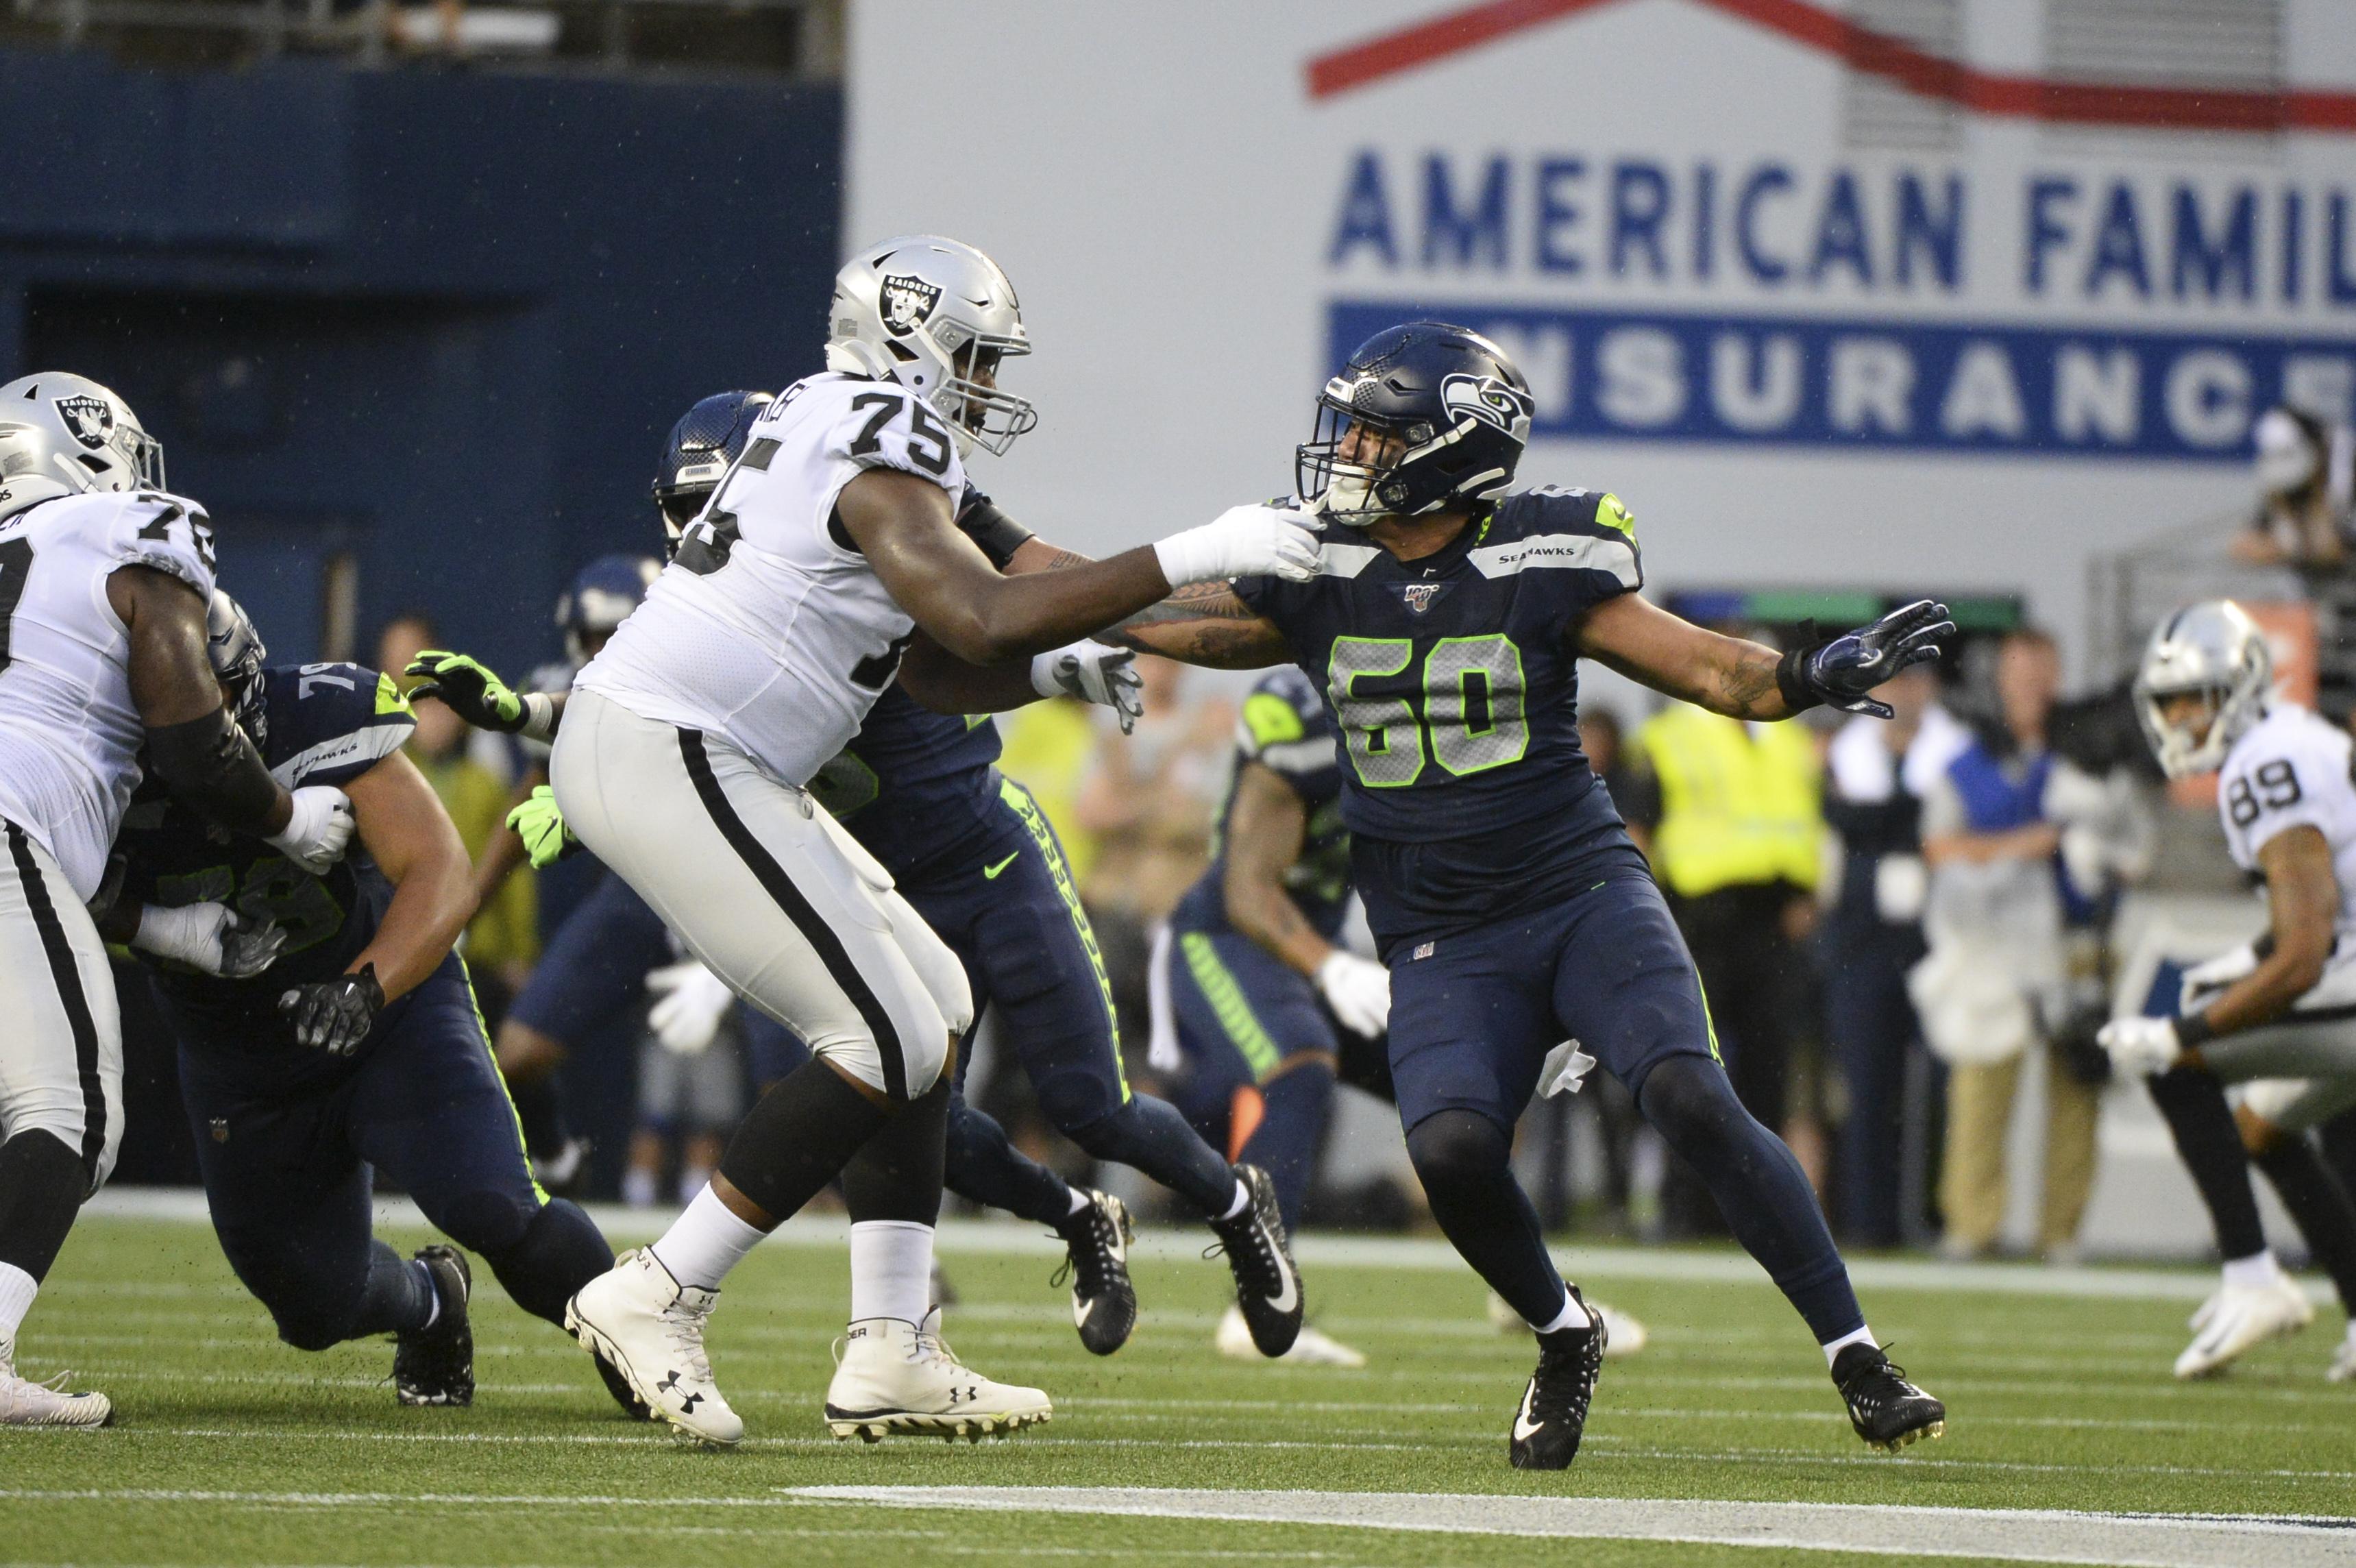 NFL: AUG 29 Preseason - Raiders at Seahawks